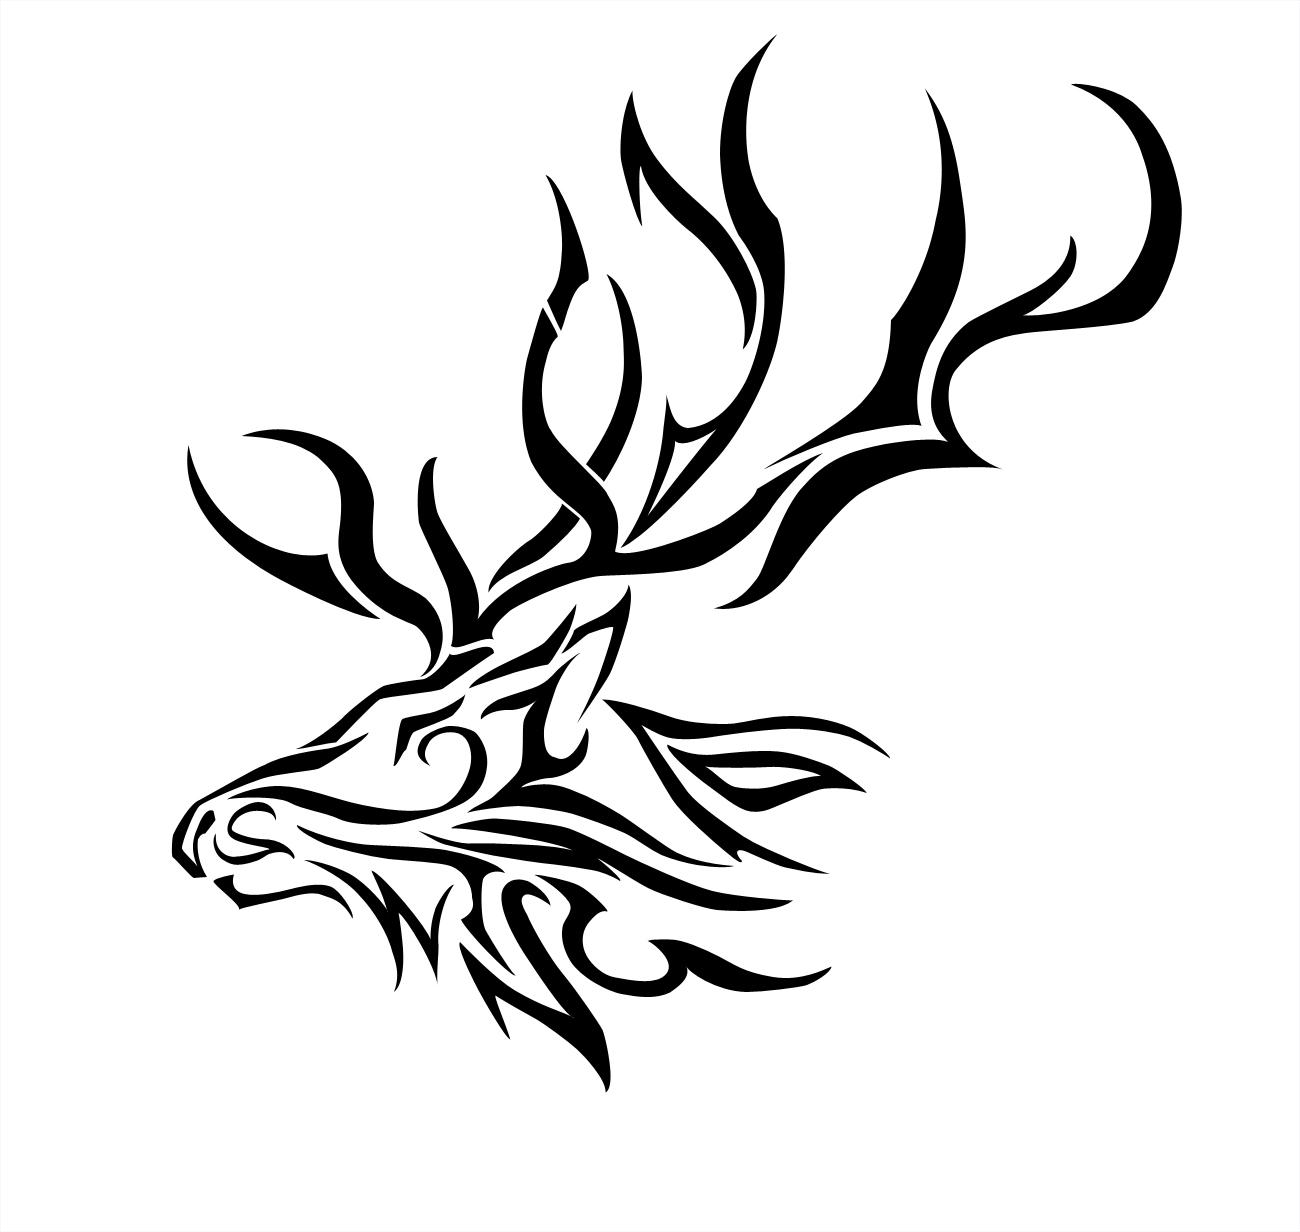 Antlers clipart tribal. Free deer head download